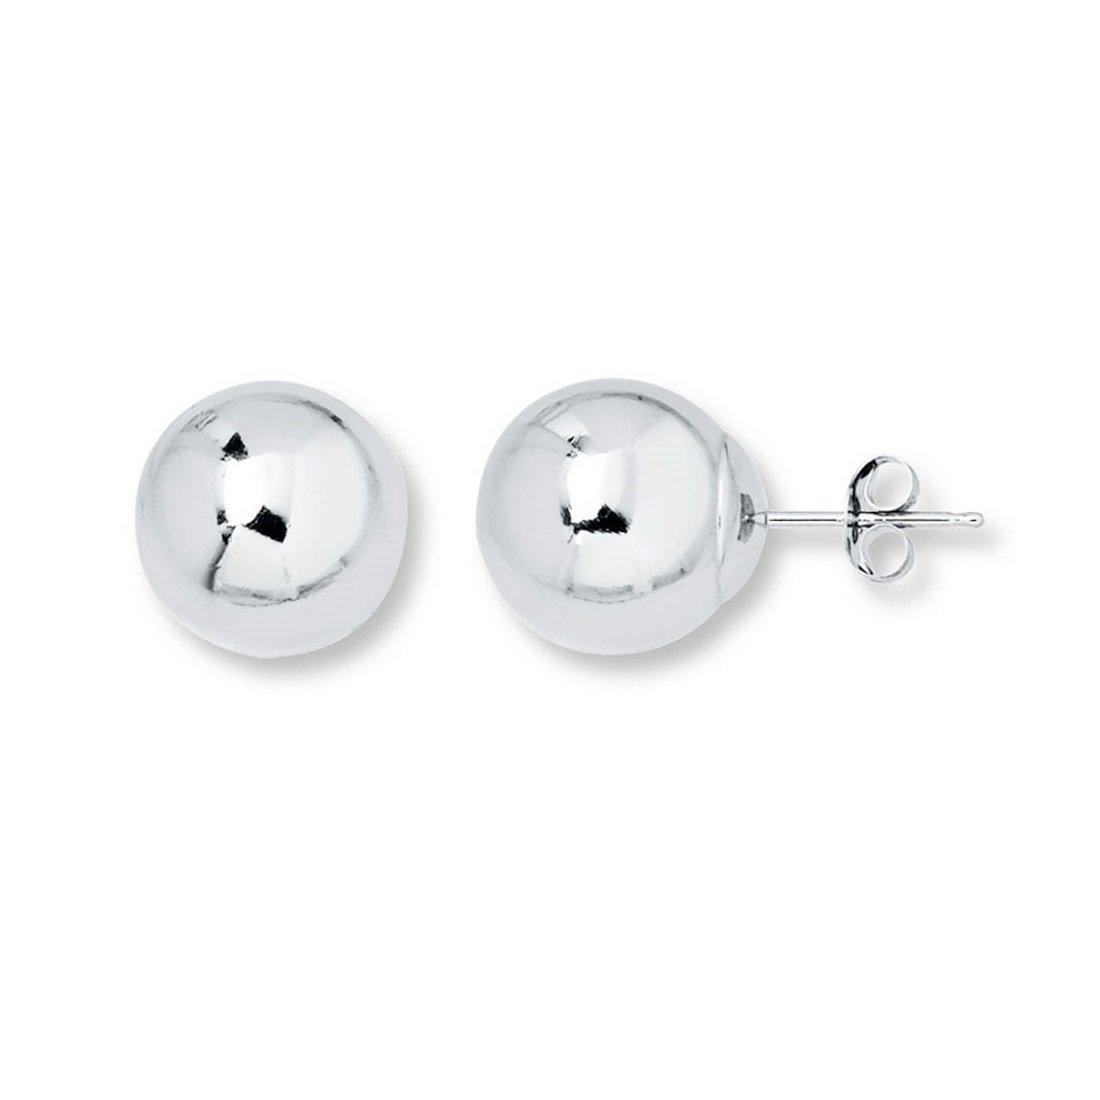 14K Real White Gold Ball Stud Earrings